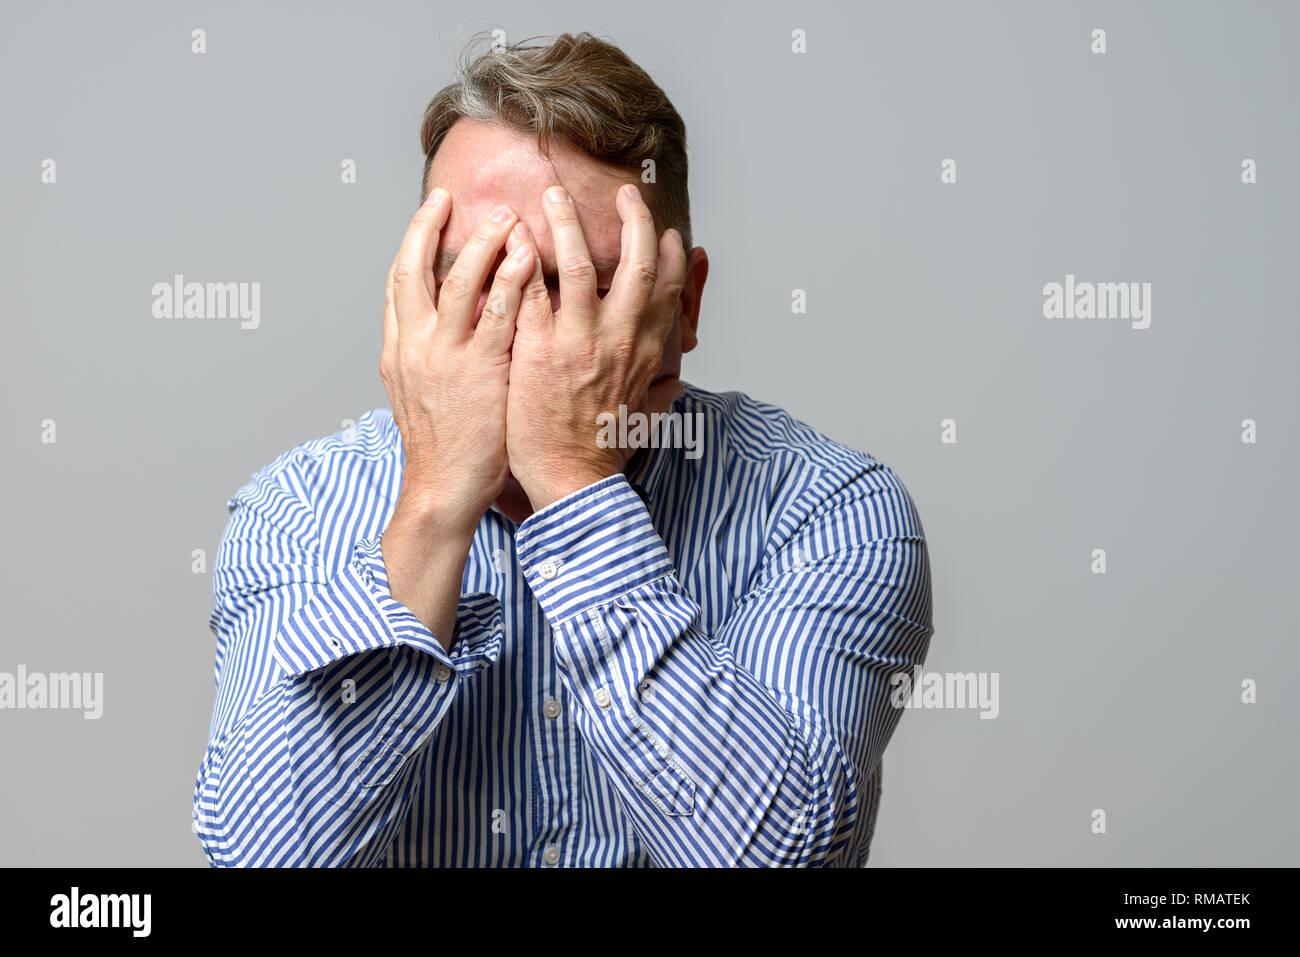 Im mittleren Alter Mann bedeckte sein Gesicht mit den Händen in einer oberen Körper Porträt über einen grauen Hintergrund Stockbild